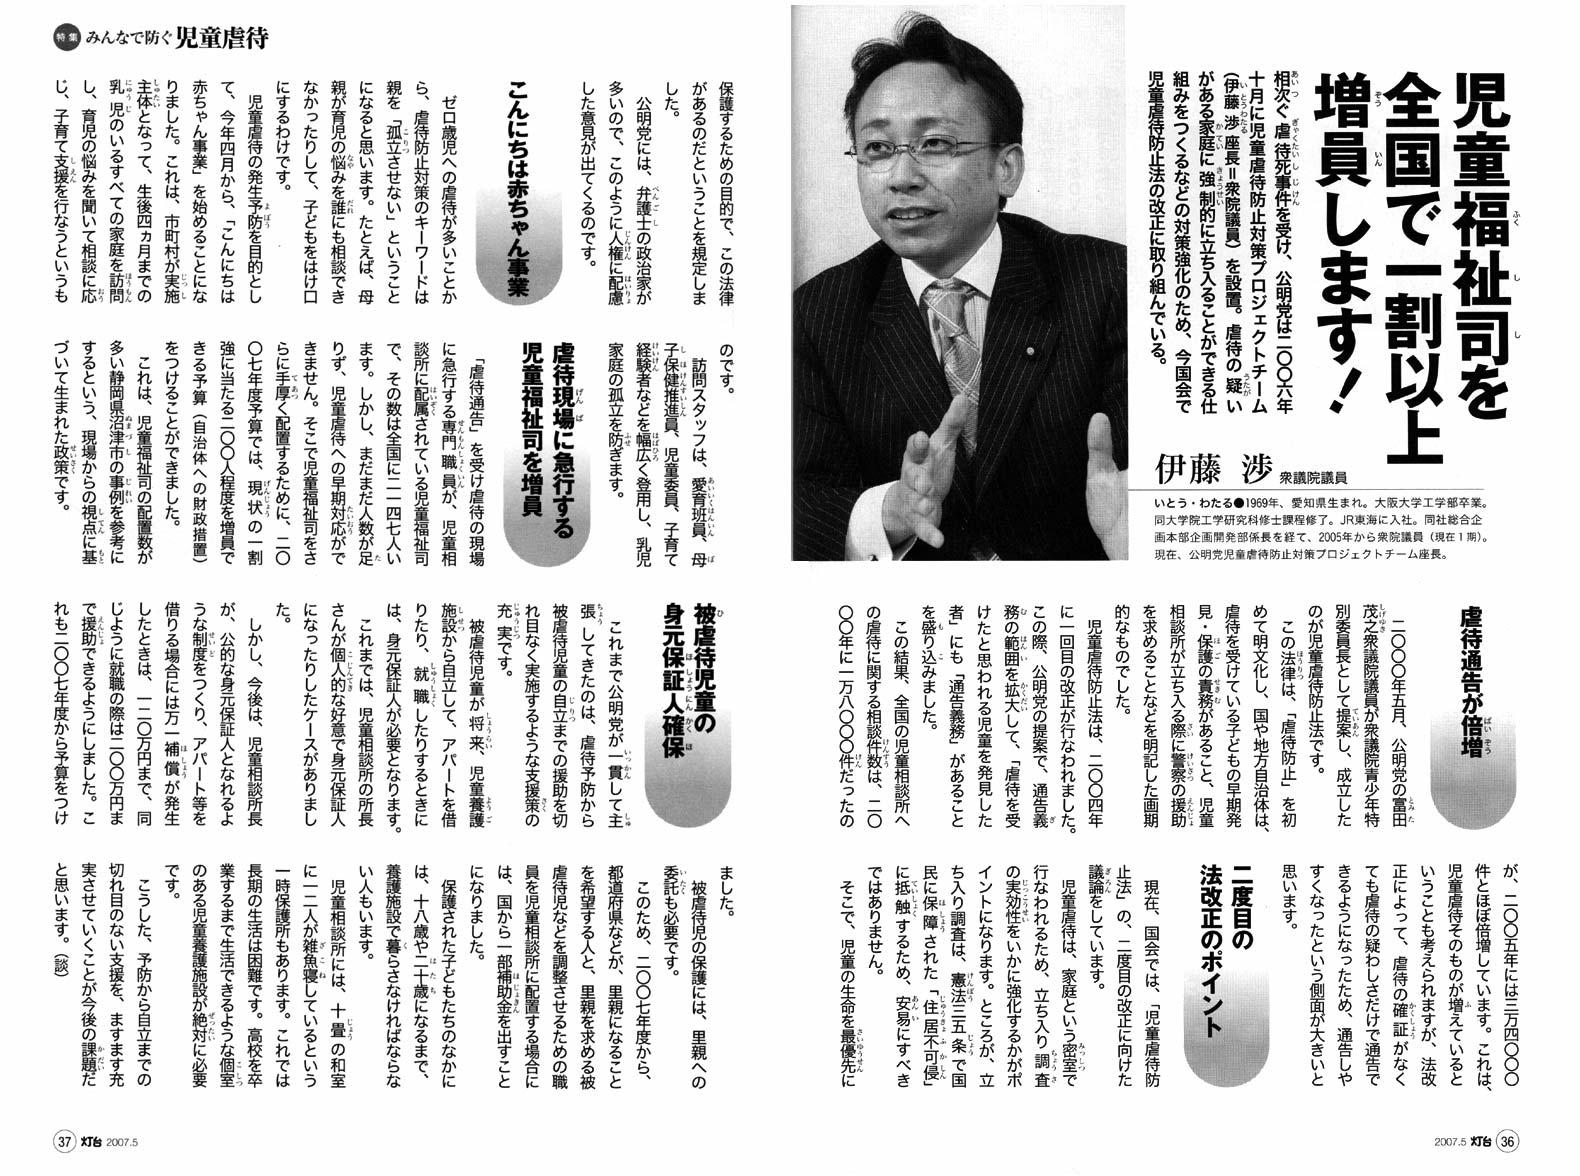 いとう渉のインタビュー掲載!